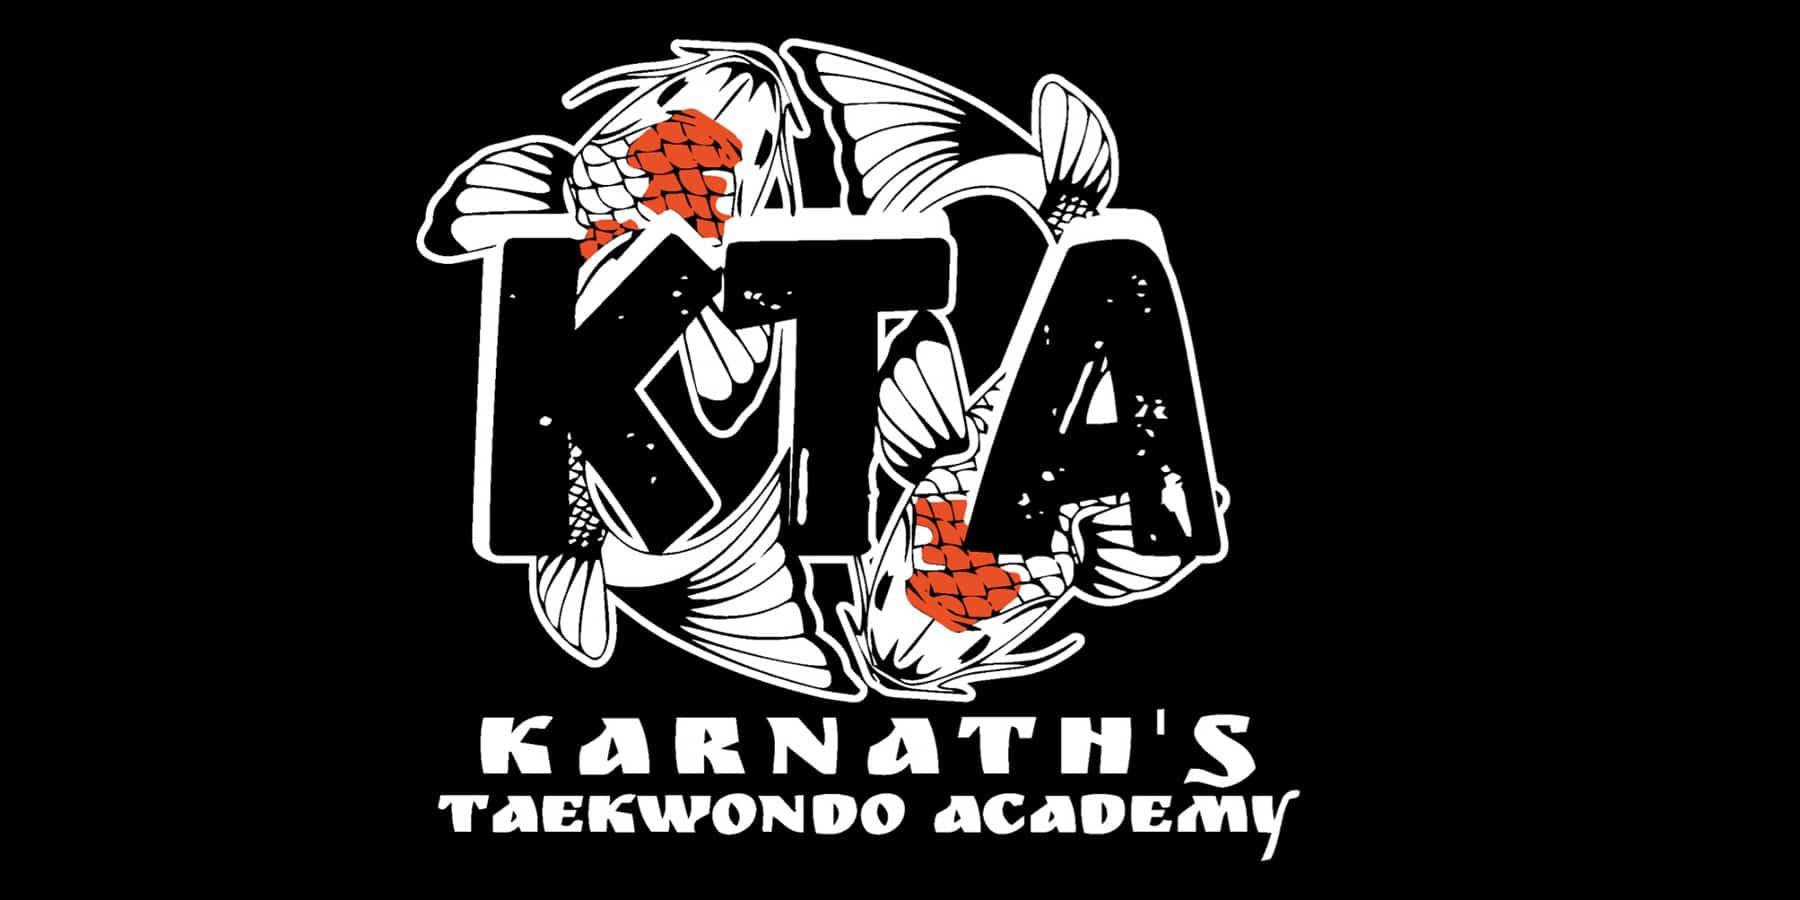 Karnath-taekwondo-academy-banner